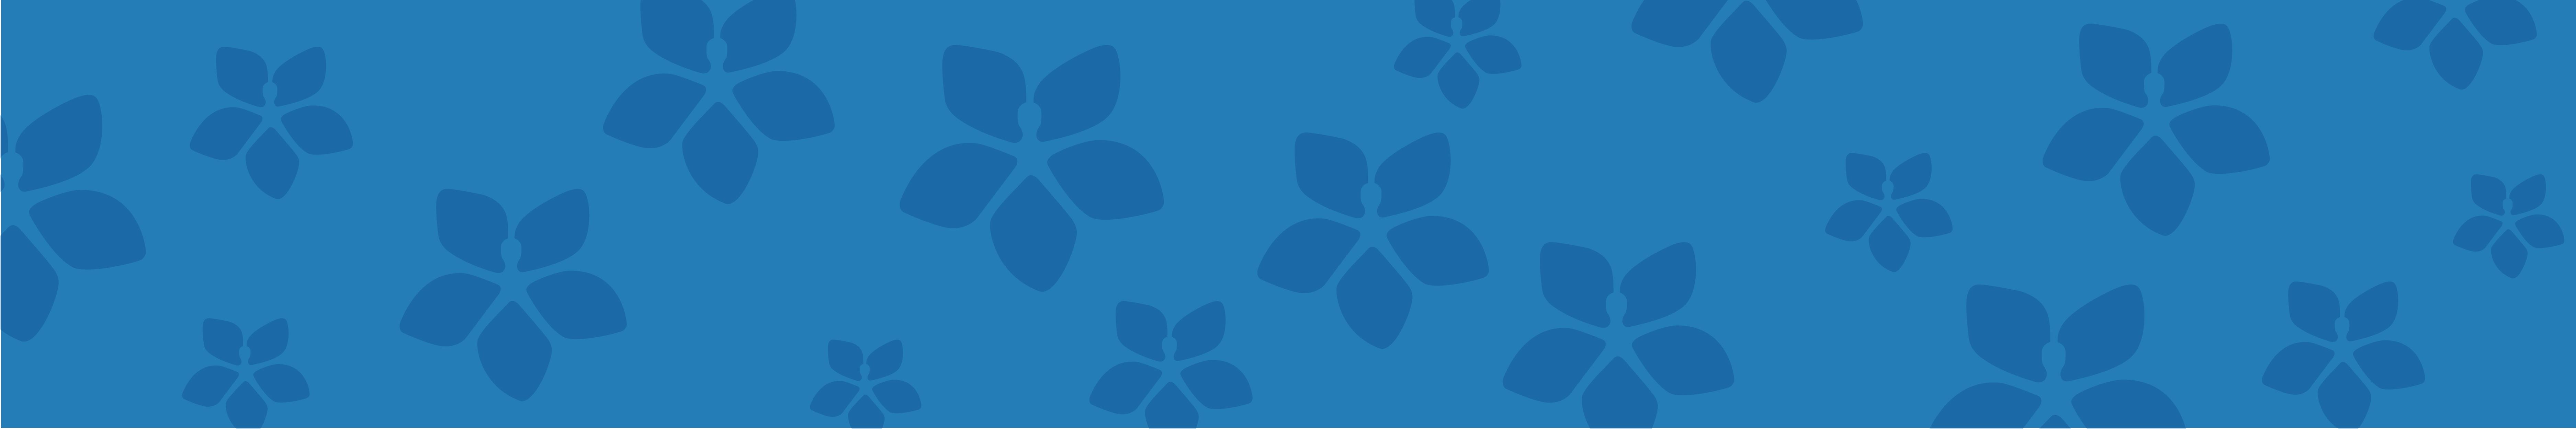 HSS Rotators.blue